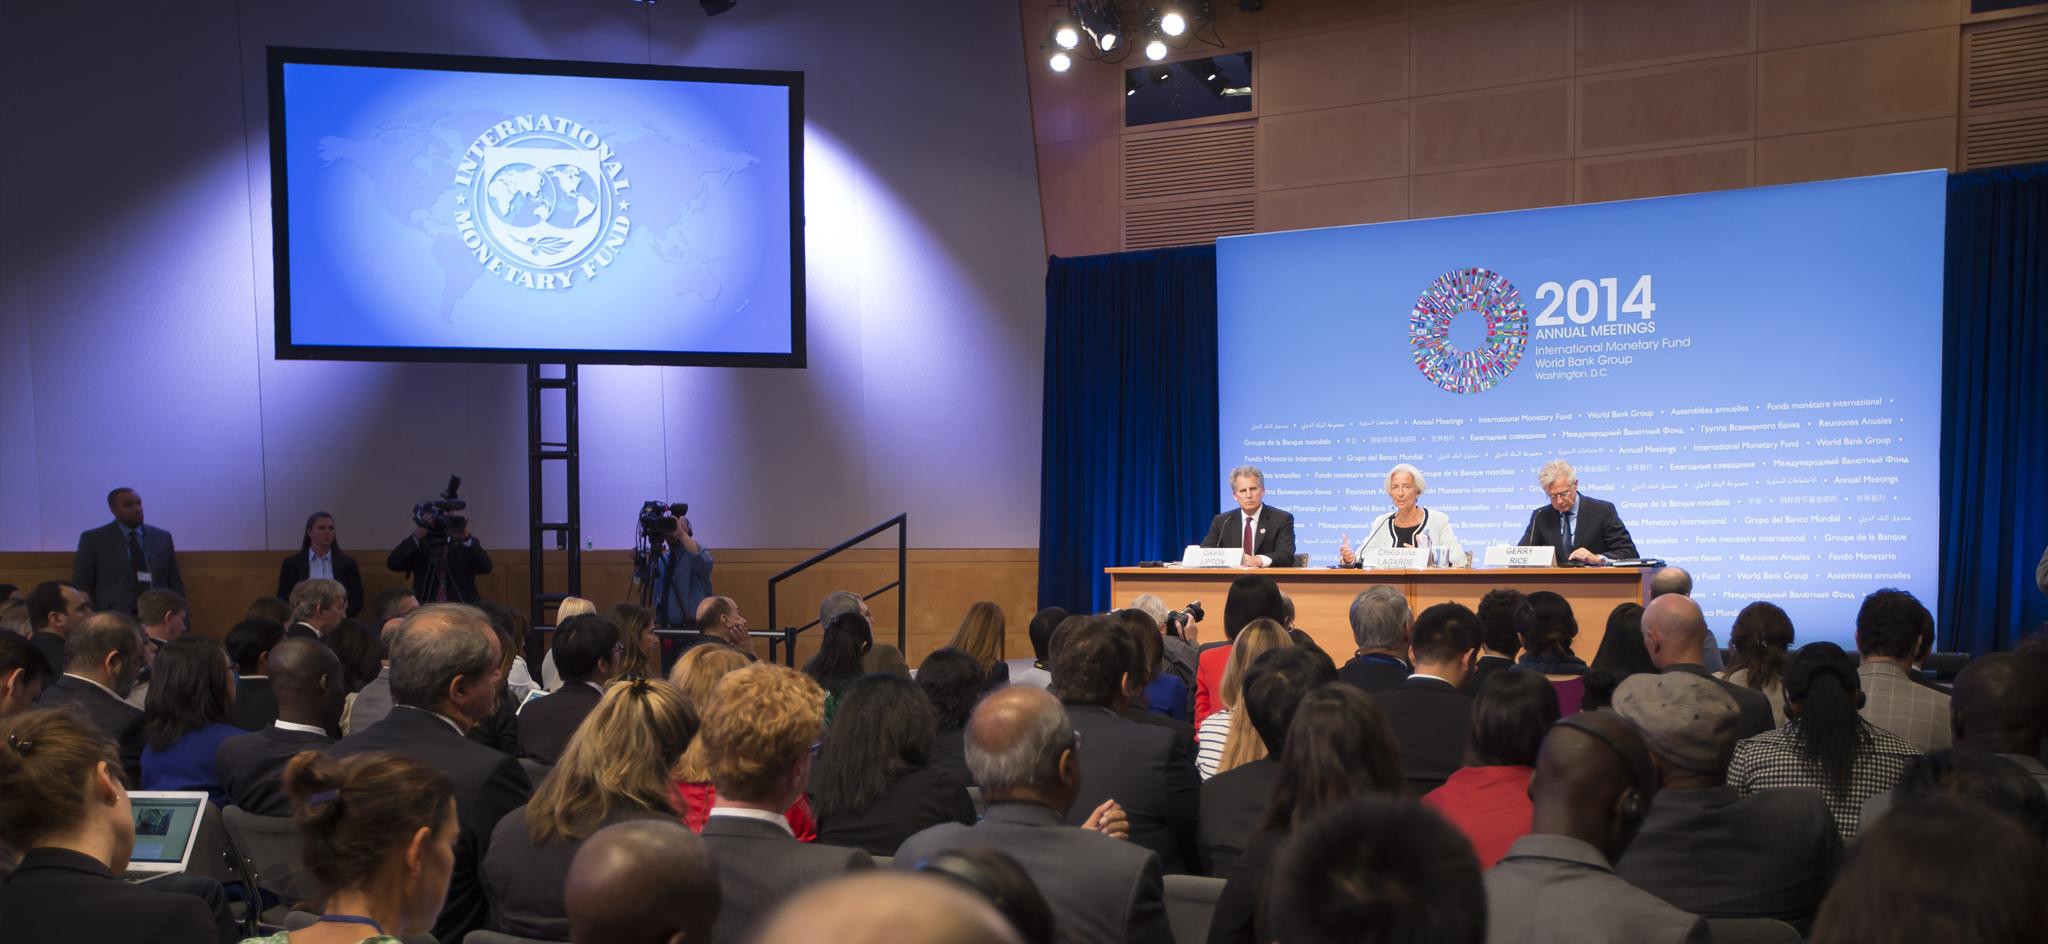 Conférence de presse de la directrice générale du FMI